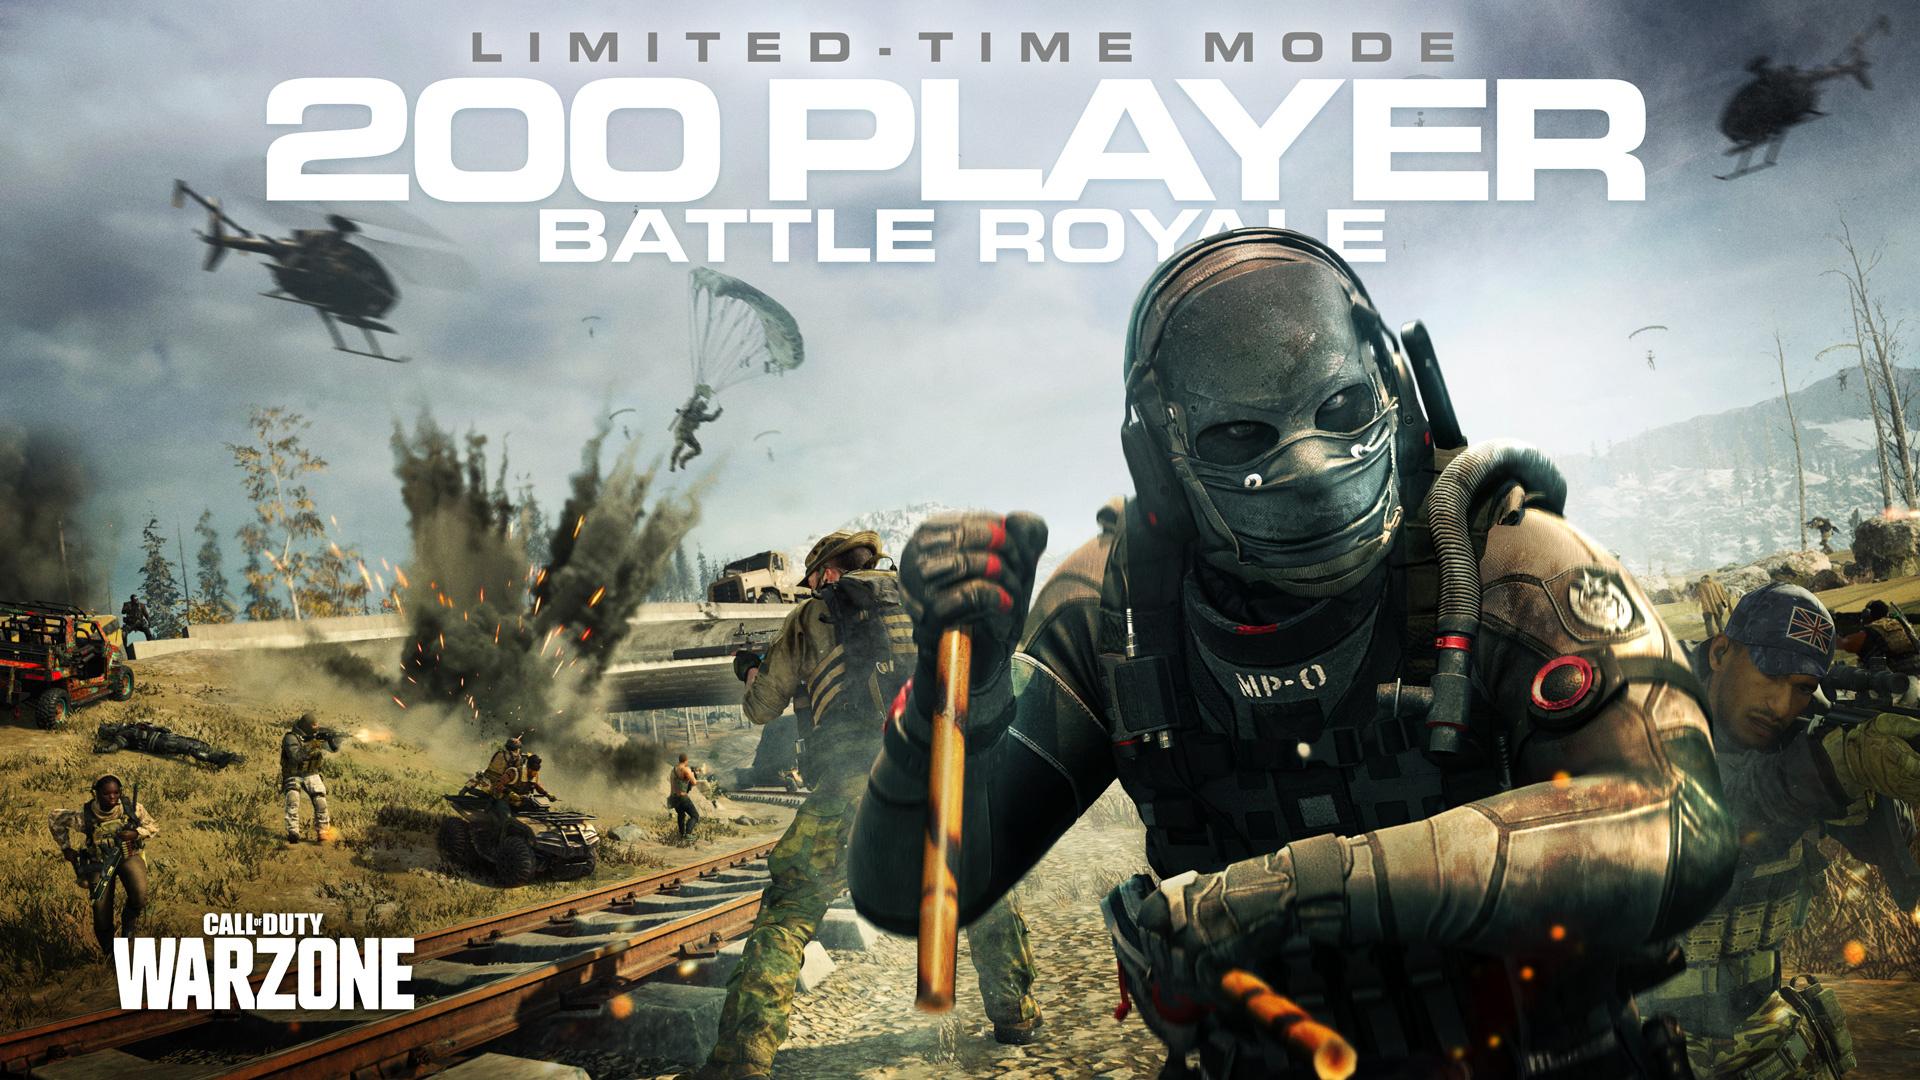 В 4 сезоне Call of Duty: Modern Warfare появится временный режим на 200 игроков